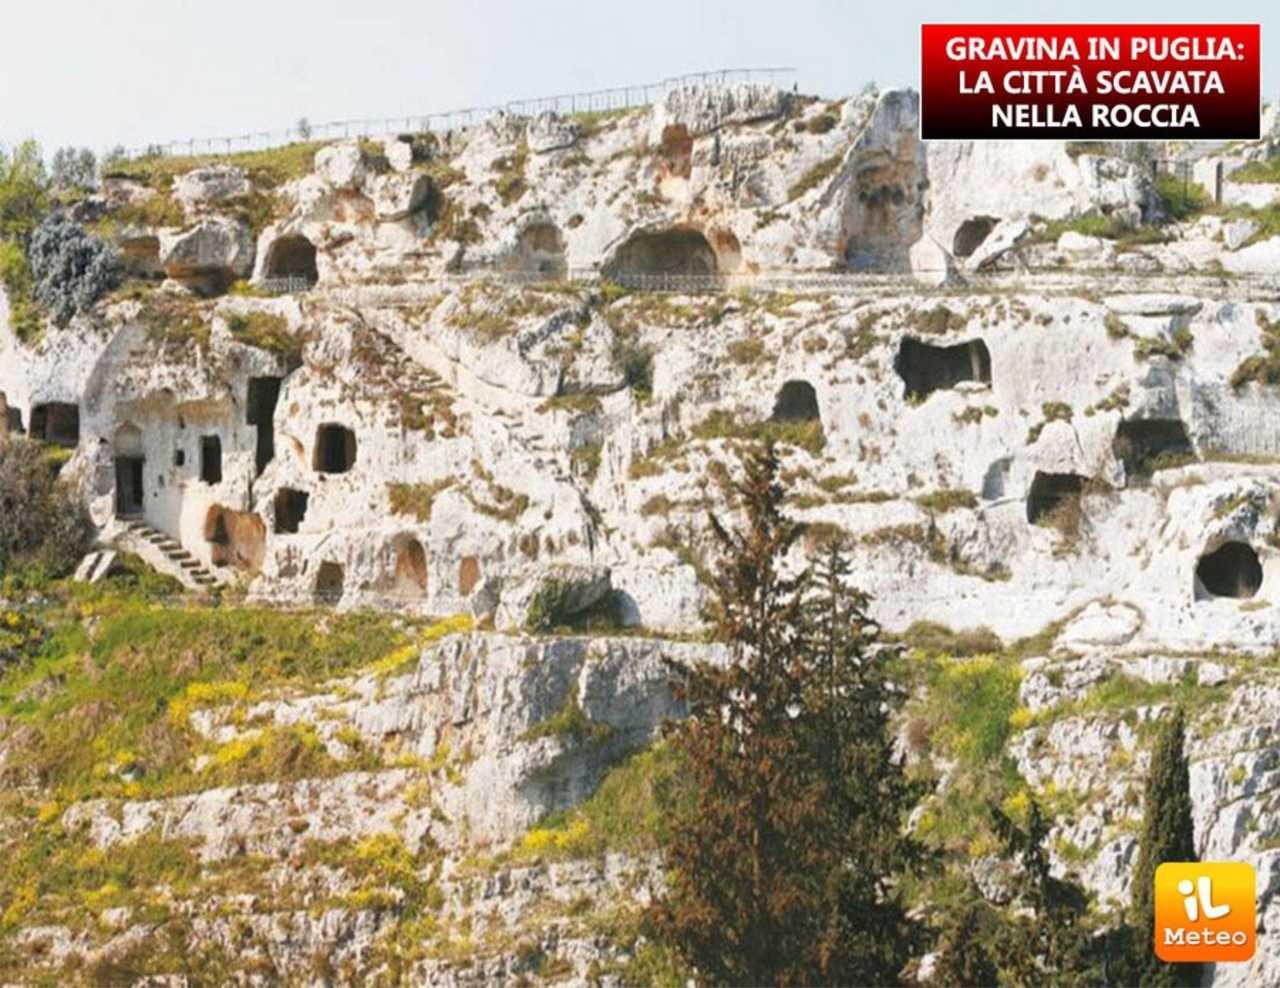 Gravina In Puglia La Citta Scavata Nella Roccia Ilmeteo It